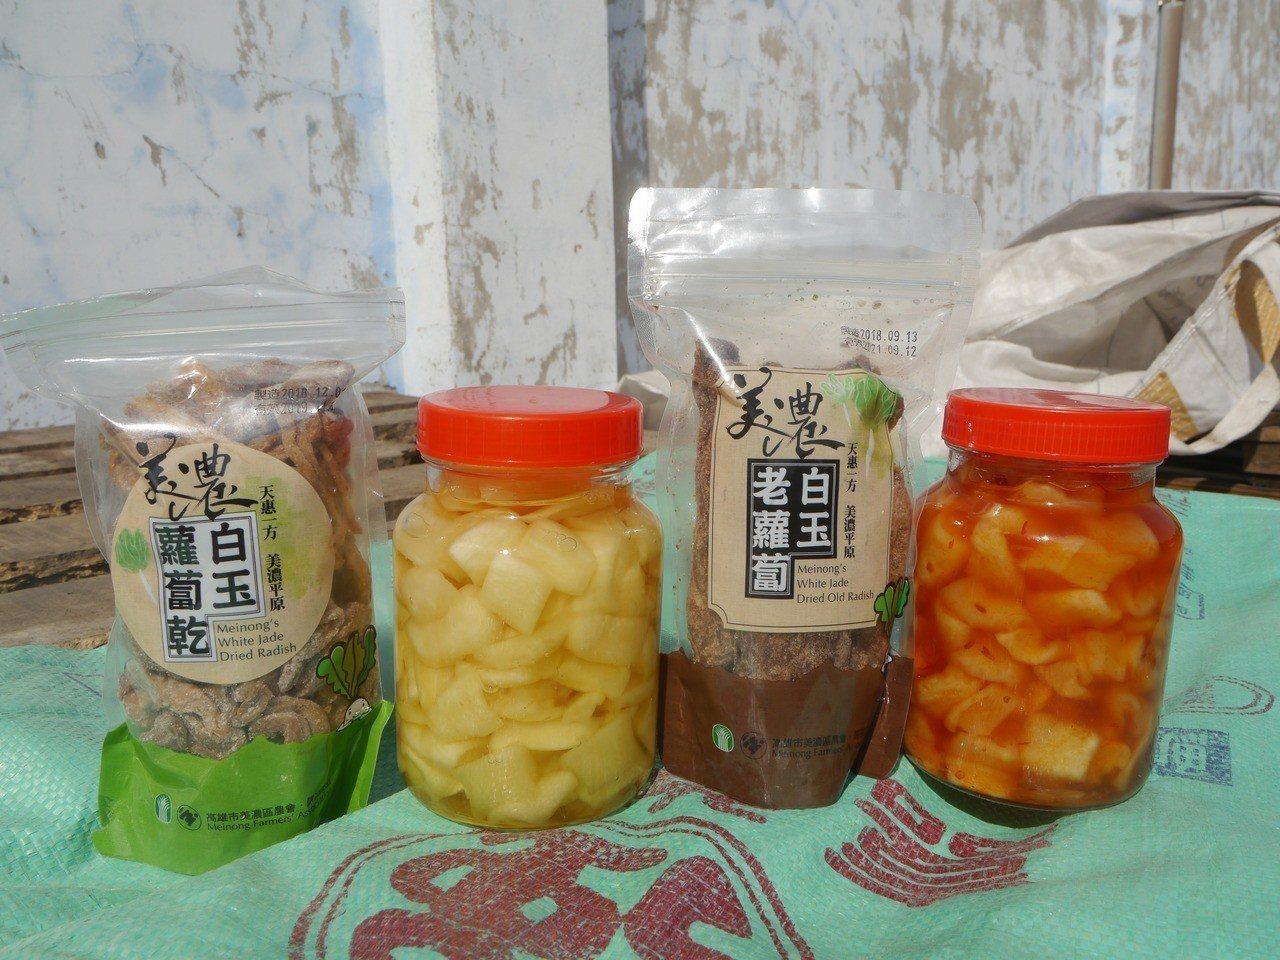 新鮮蘿蔔可加工成醃蘿蔔或老蘿蔔,十分受消費者喜愛。記者徐白櫻/攝影